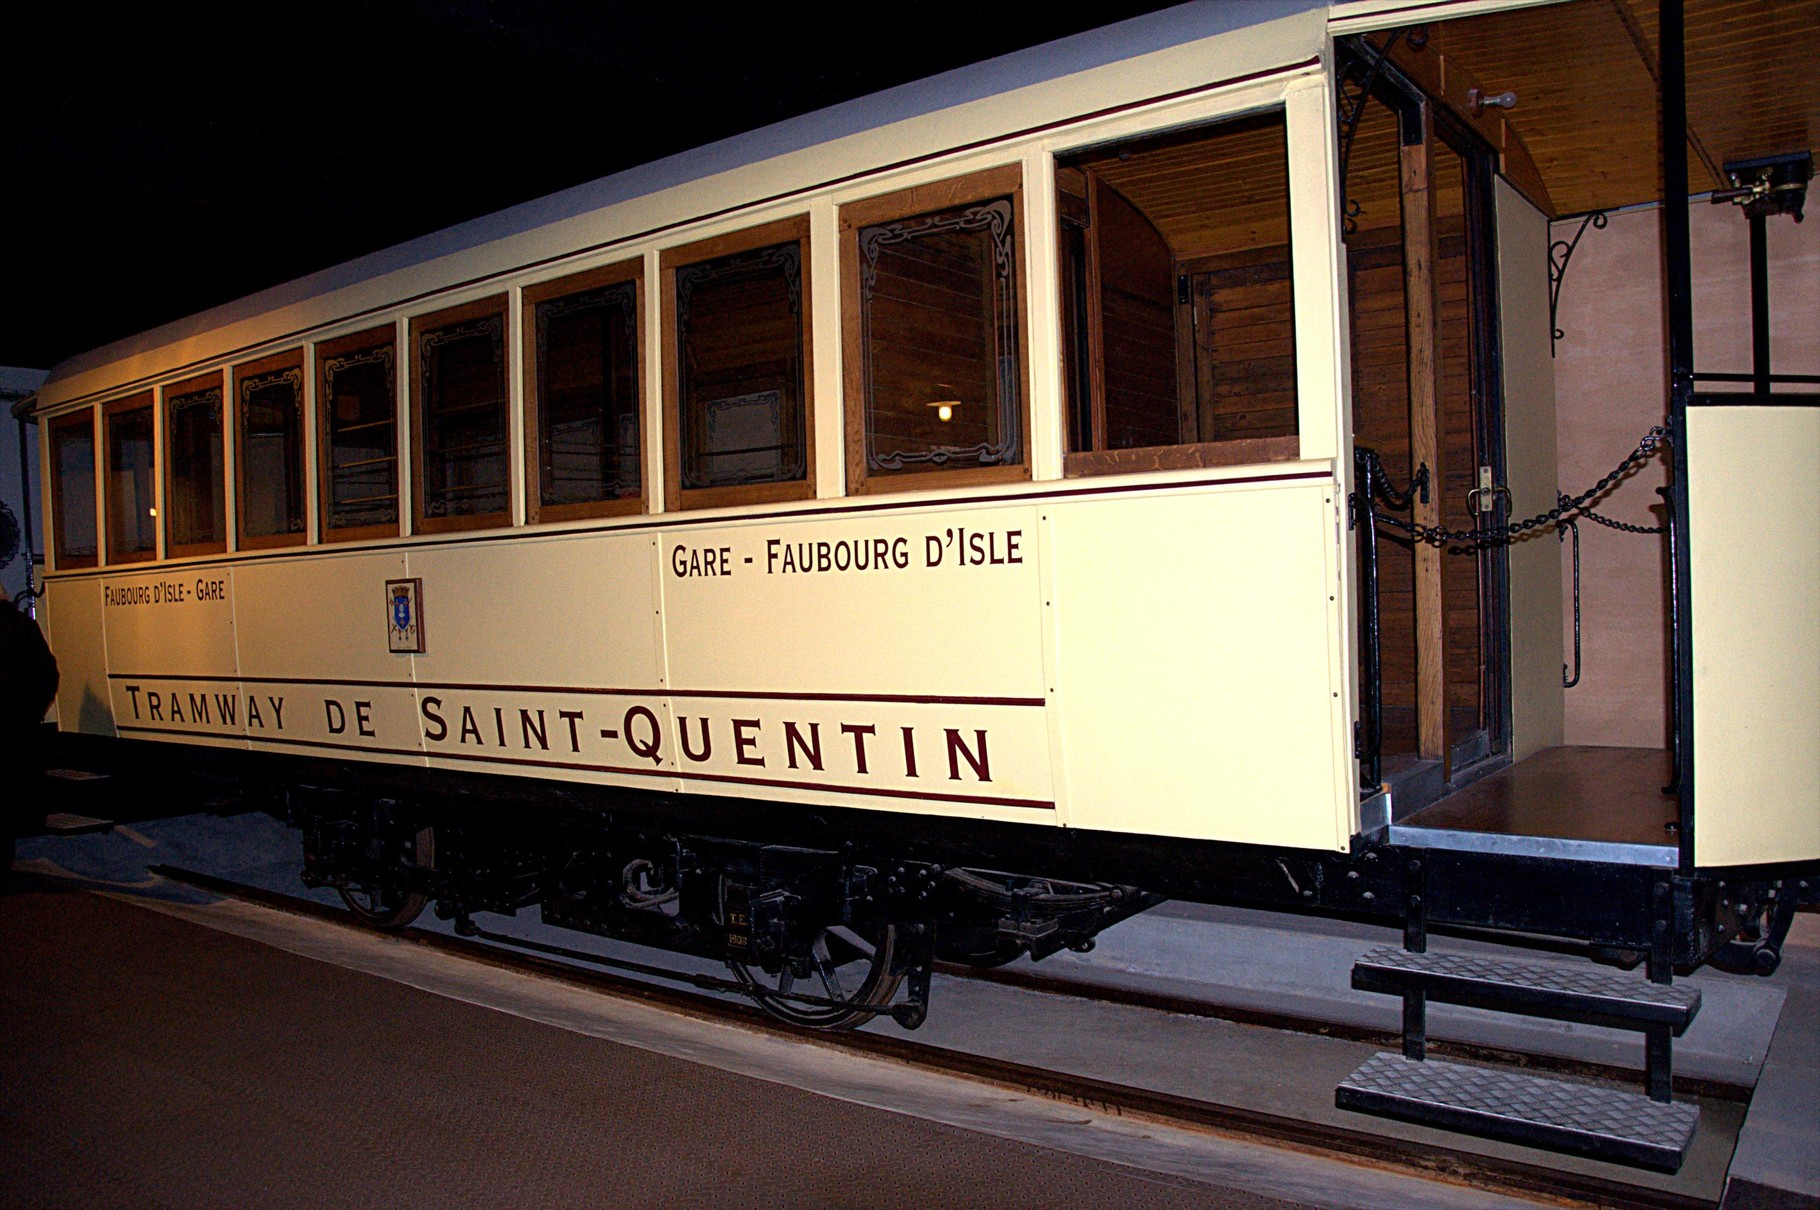 Le tramway de Saint-Quentin